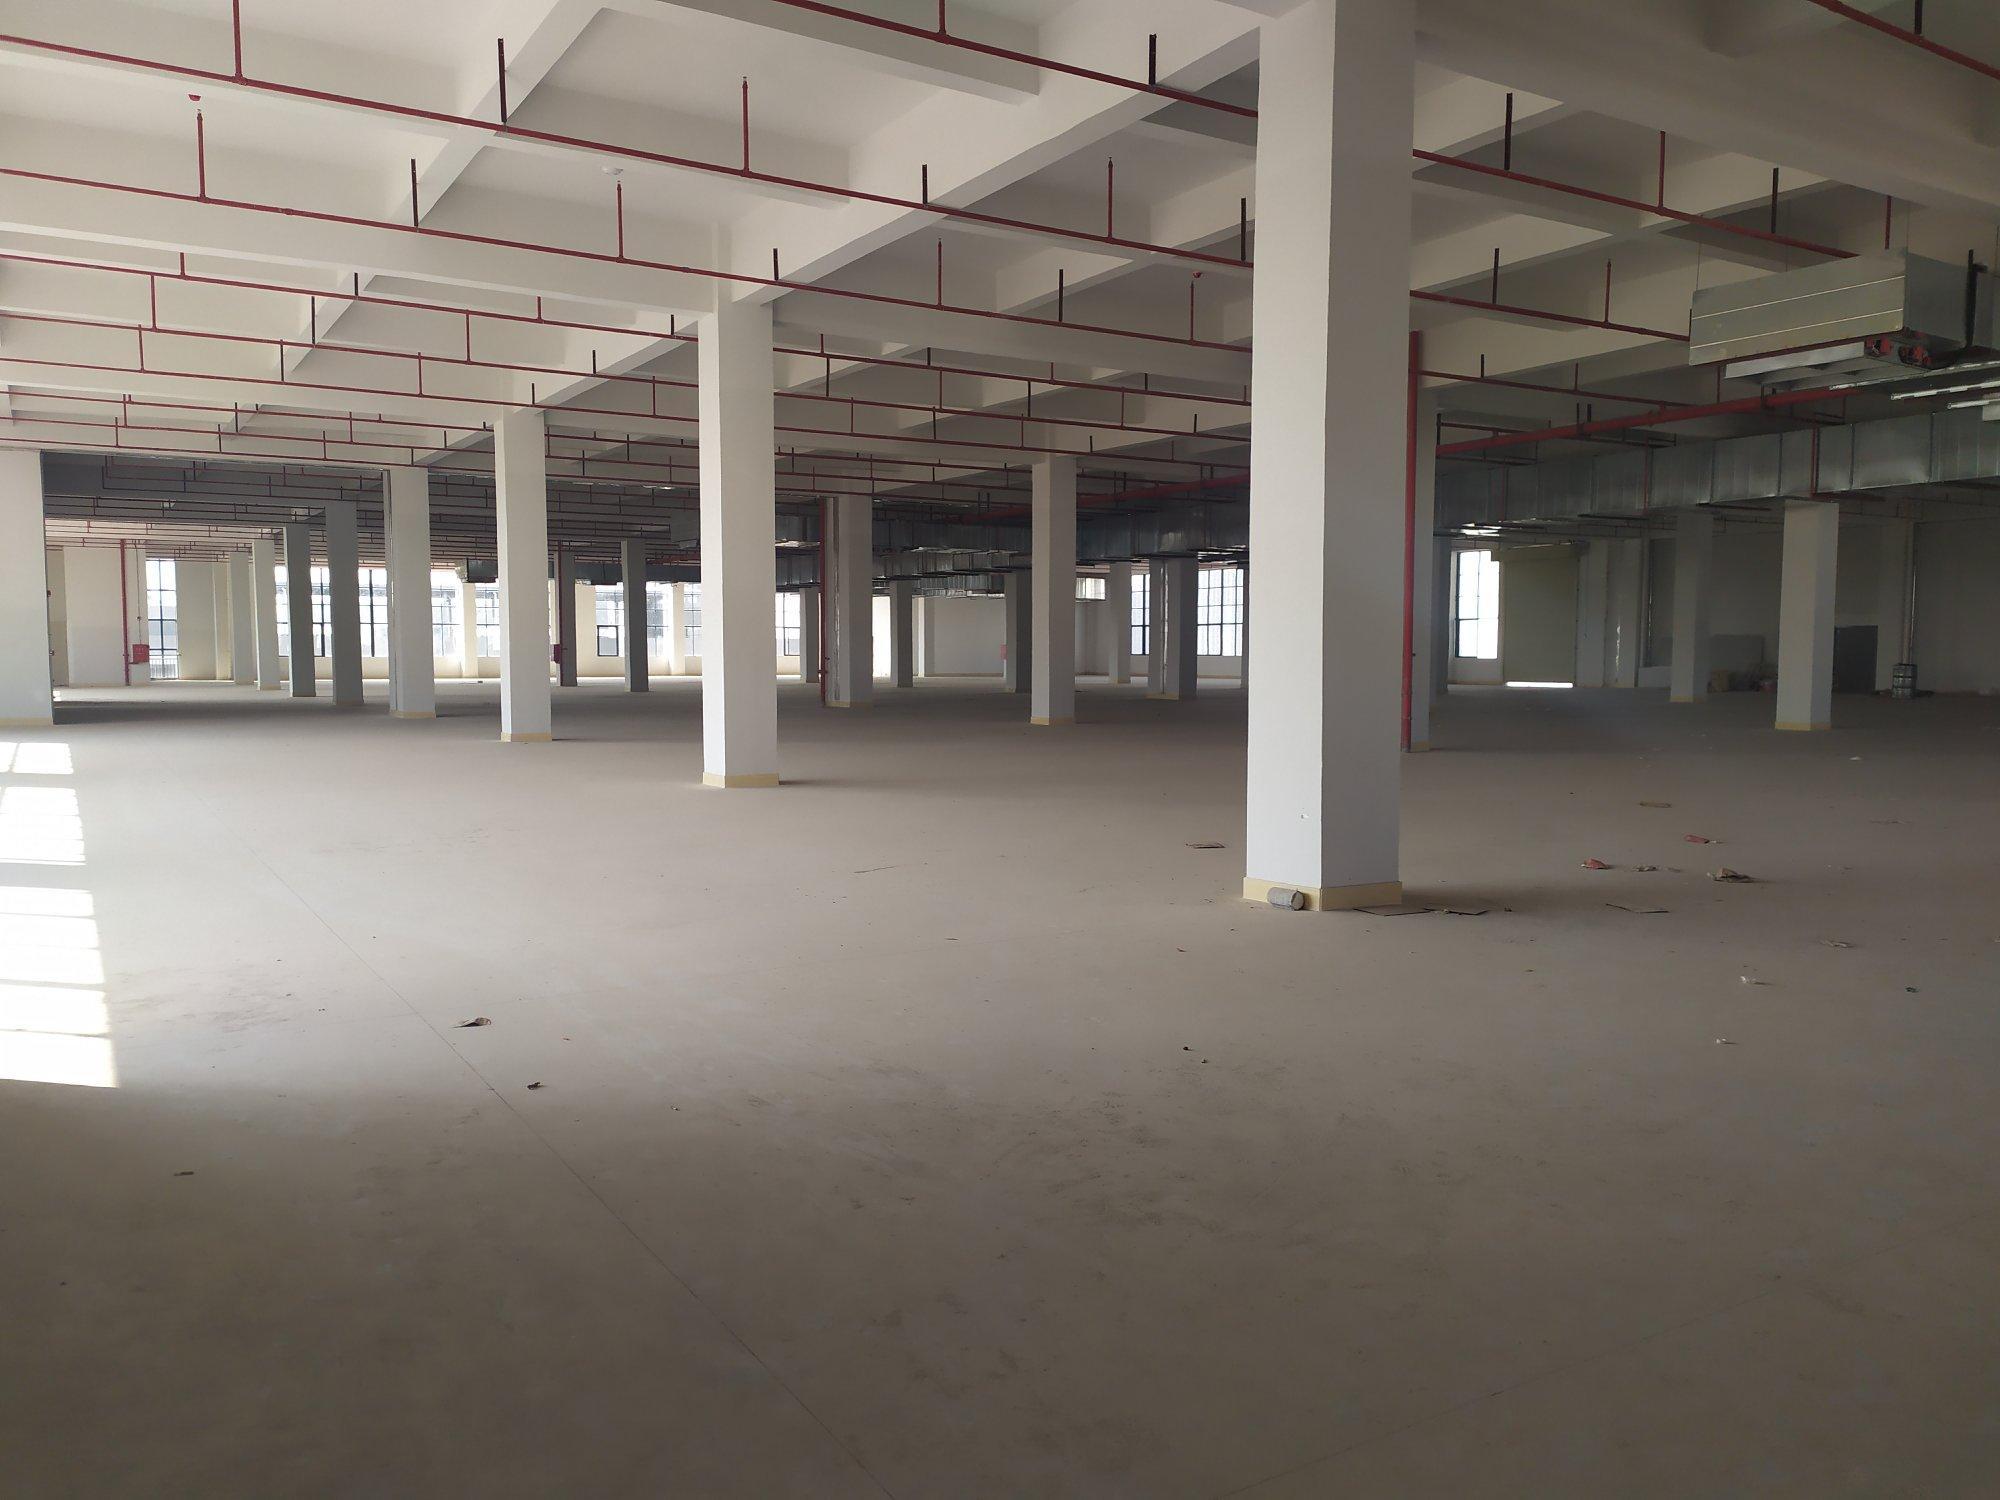 惠城区河南岸工业园标准厂房一楼4350平方